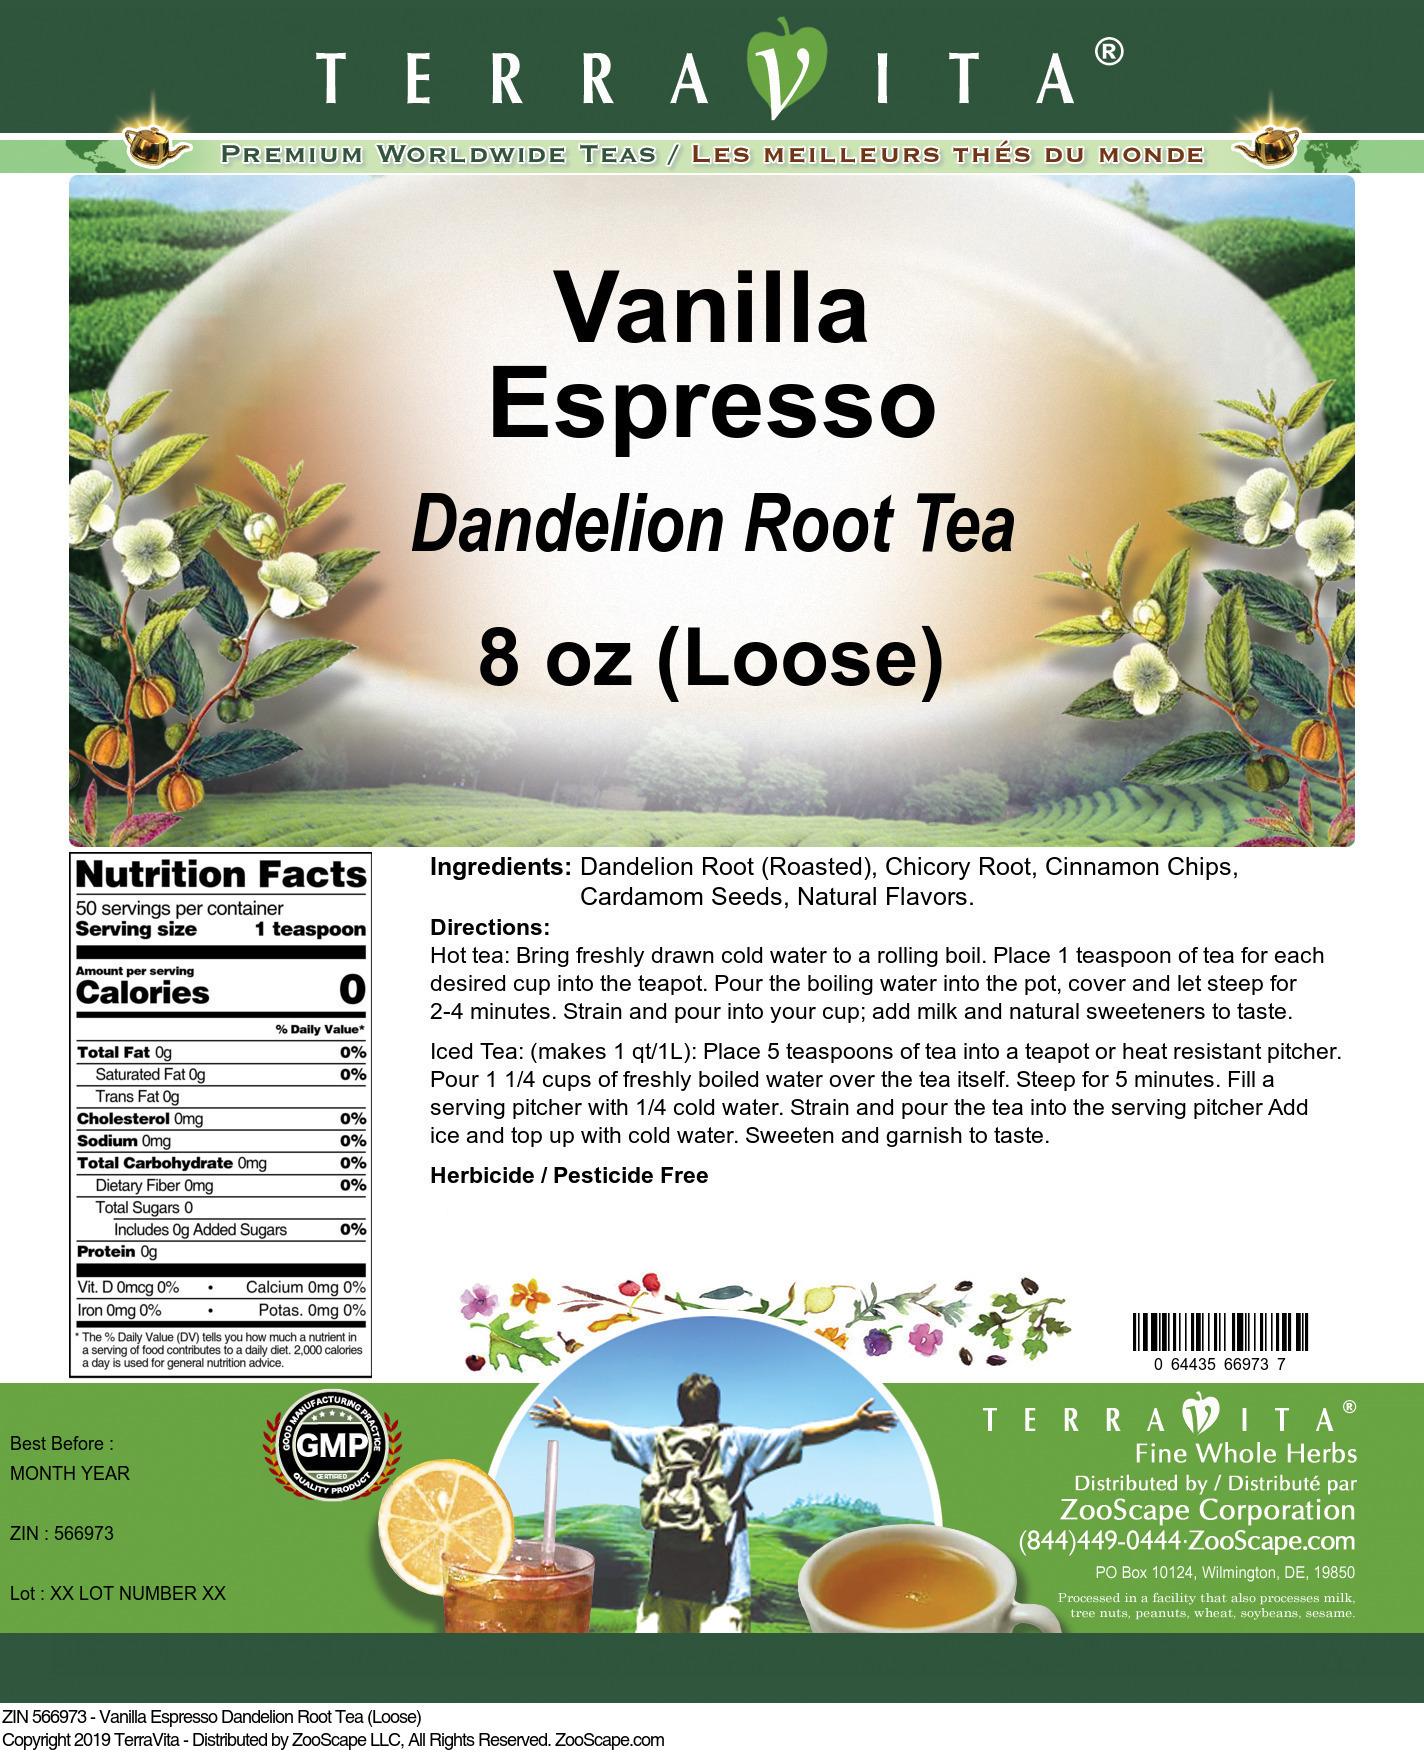 Vanilla Espresso Dandelion Root Tea (Loose)